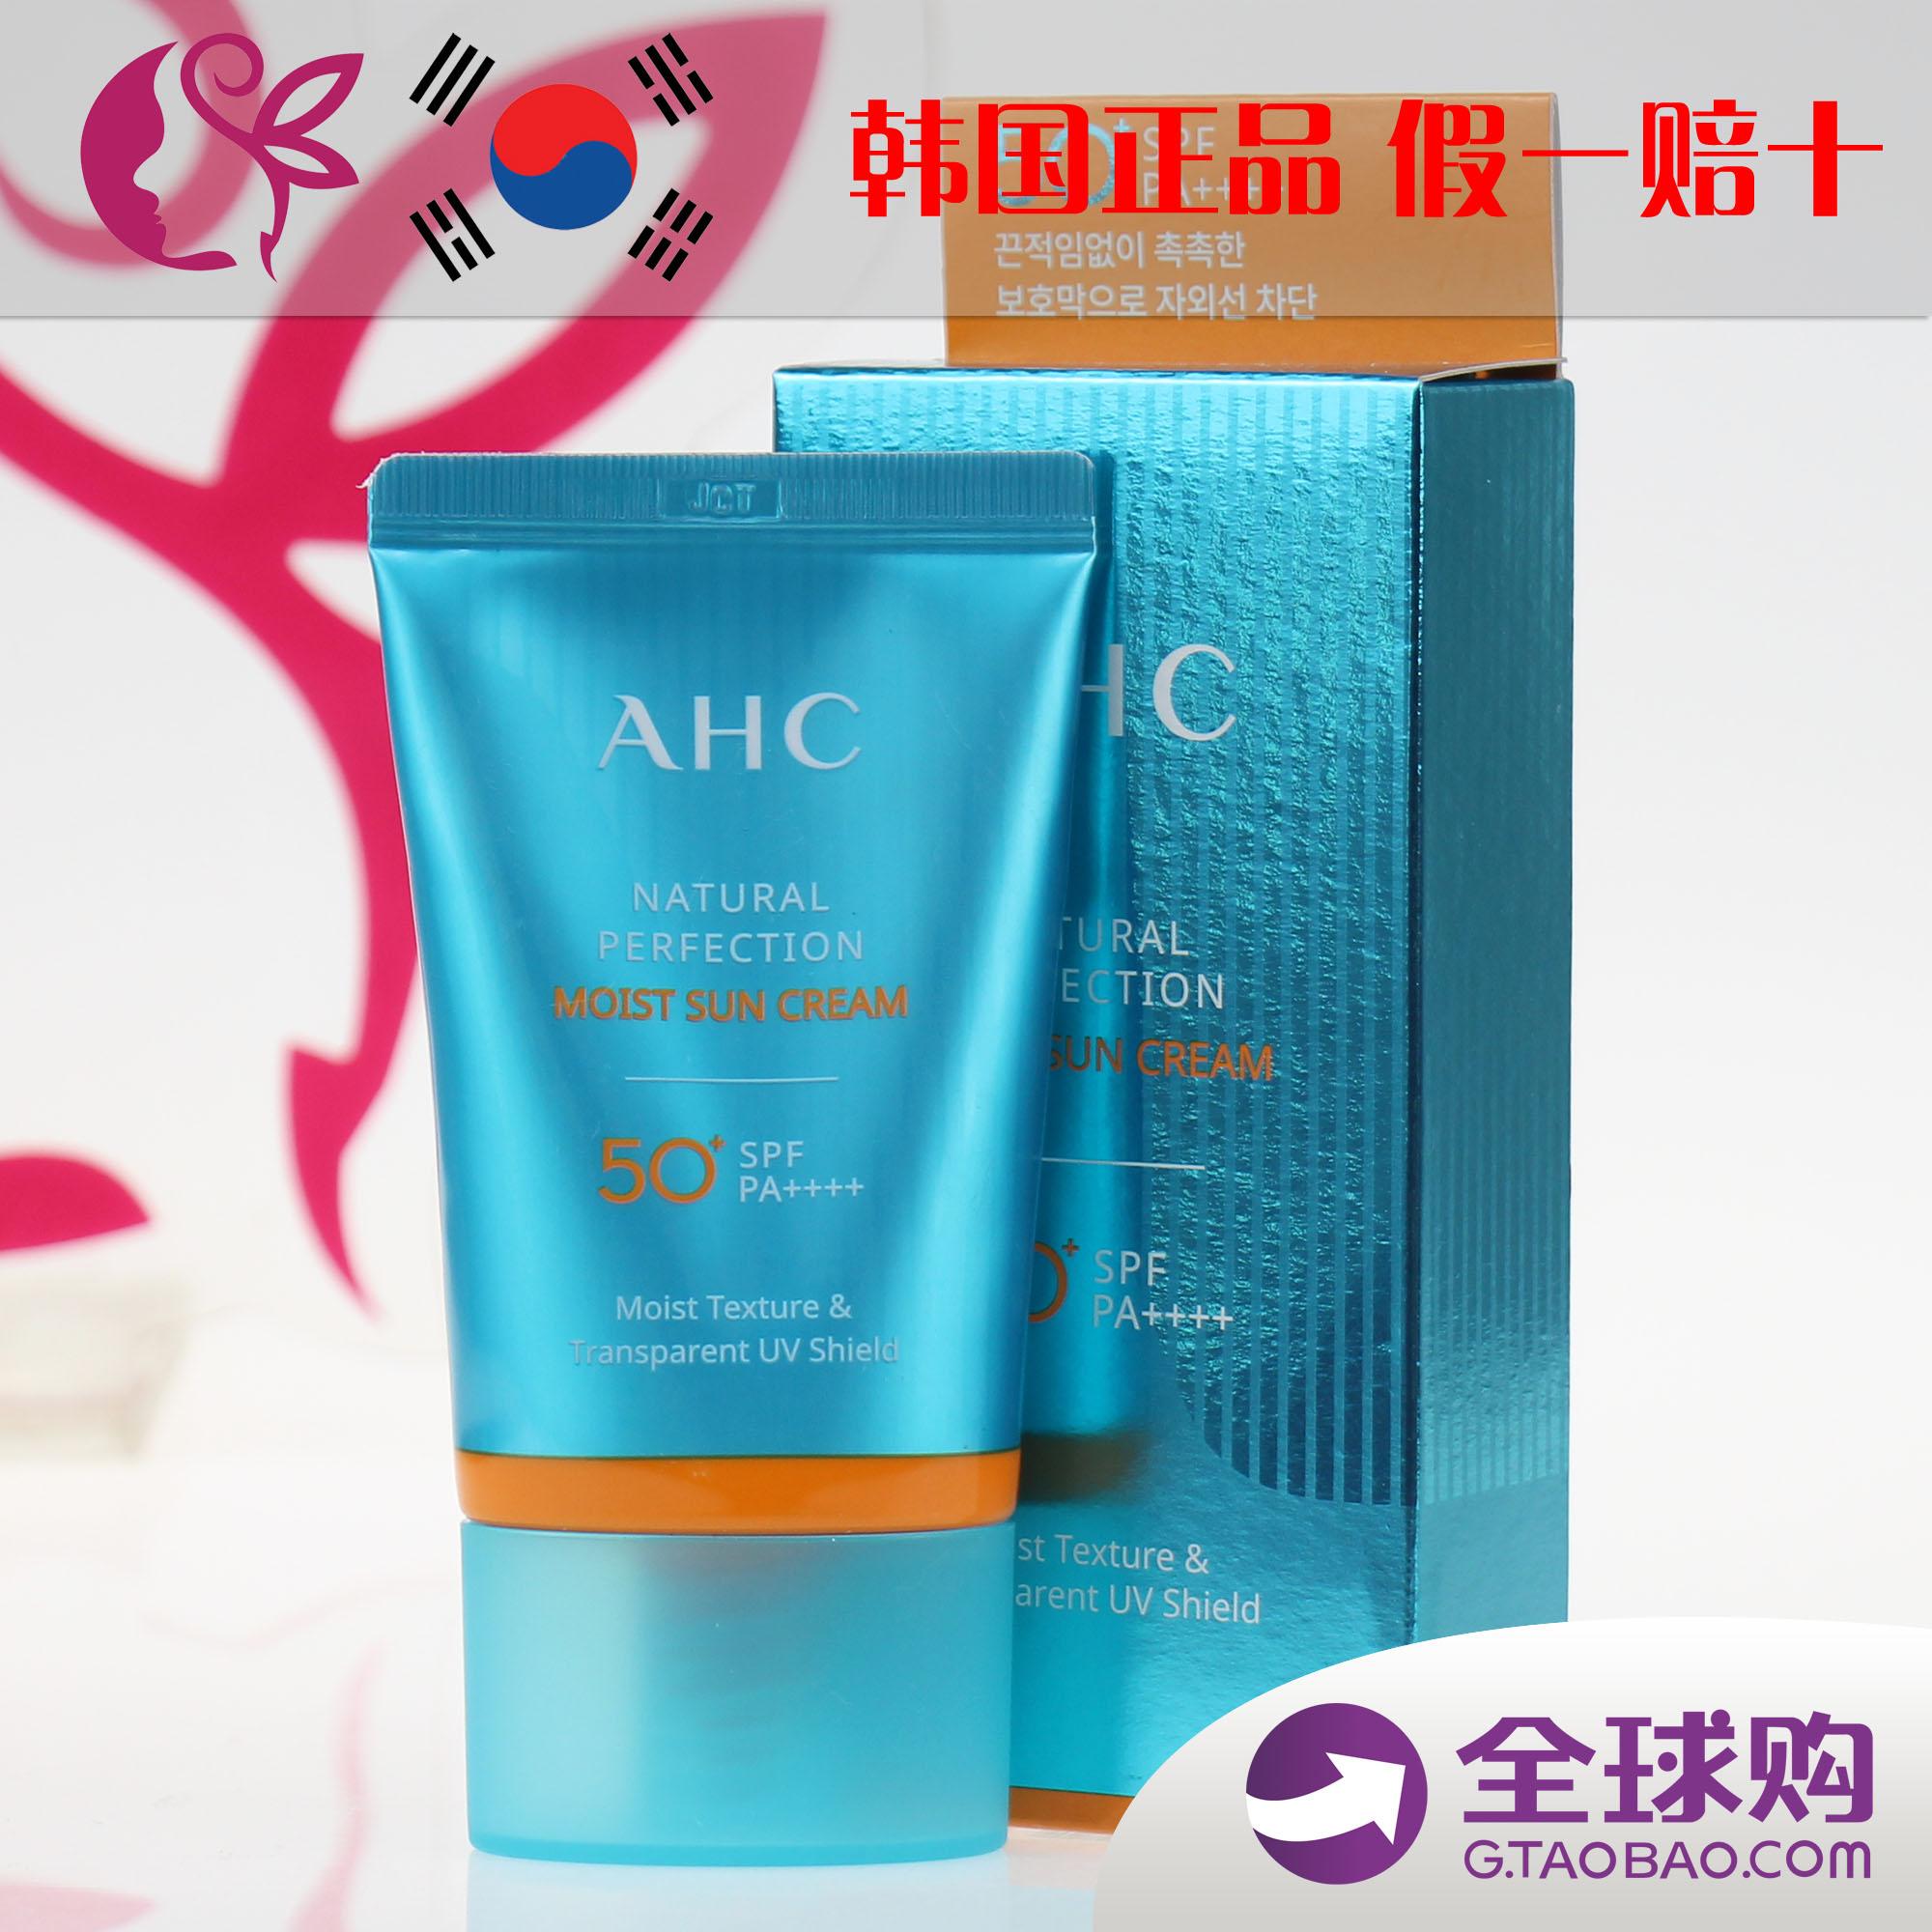 韩国正品 AHC新款玻尿酸双重防护防晒霜女 户外超强防晒 孕妇可用